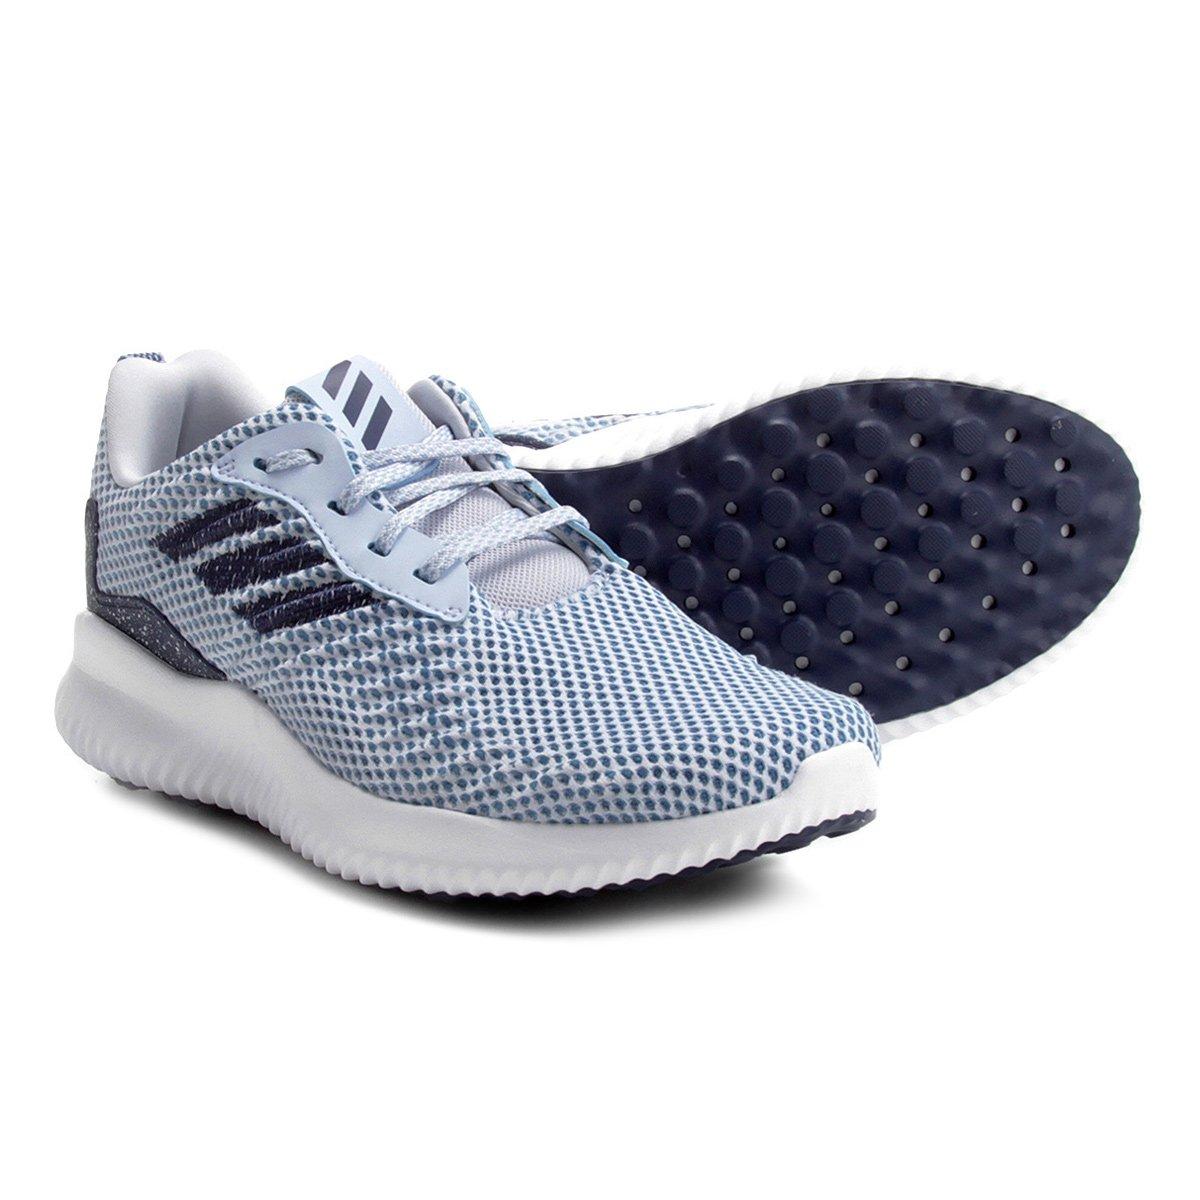 9aec0a8f8ce Tênis Adidas Alphabounce Racer Feminino - Azul Claro e Marinho - Compre  Agora